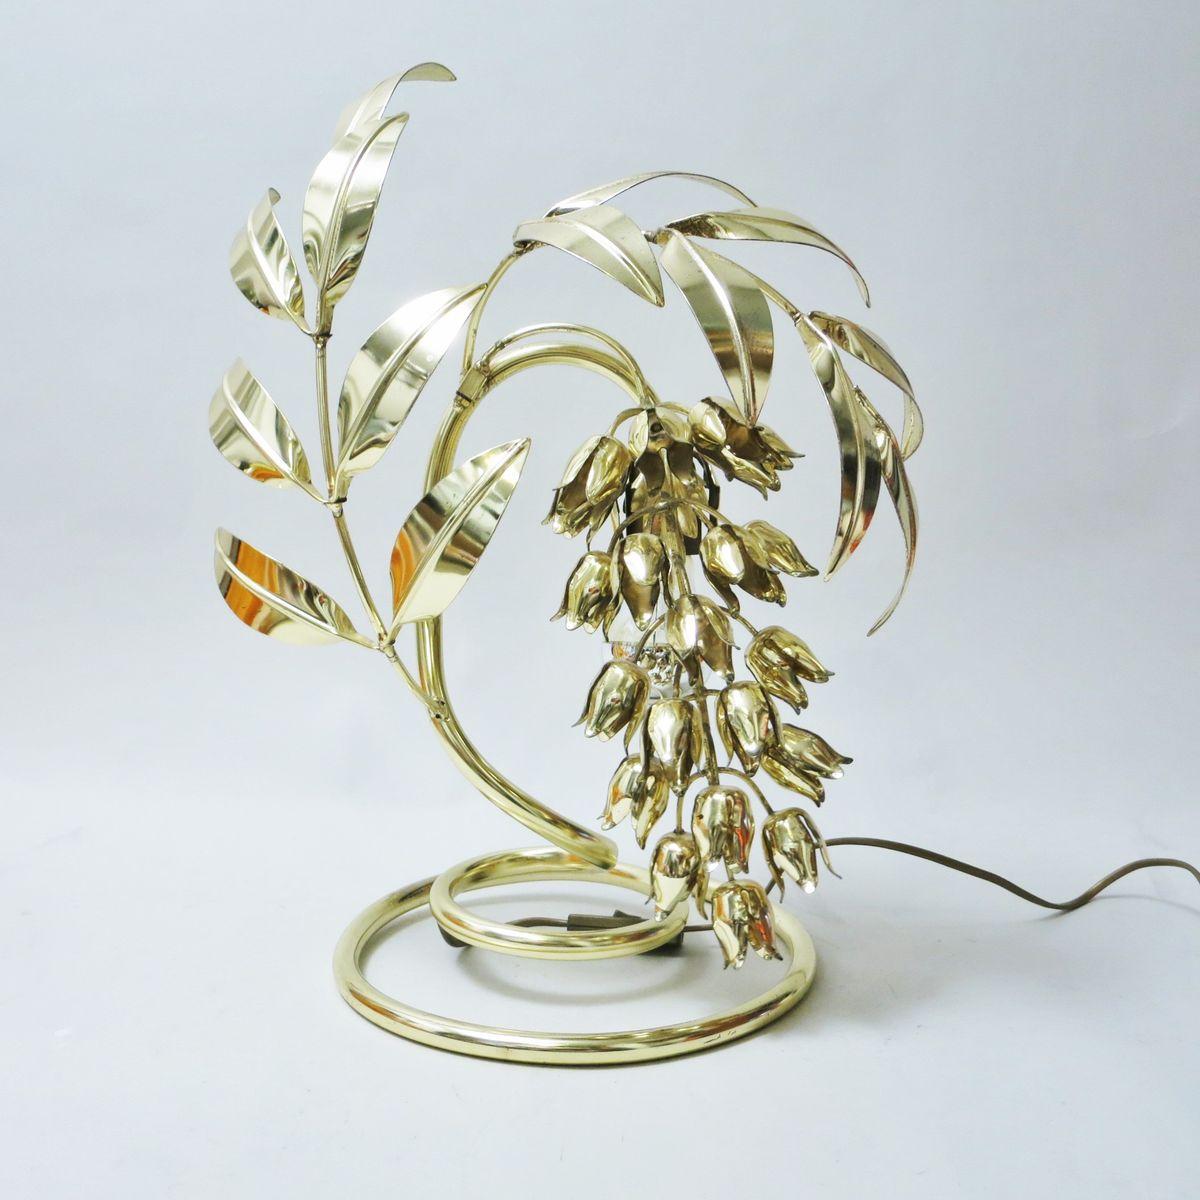 Lampe in Blumen-Optik von Hans Kögl, 1970er